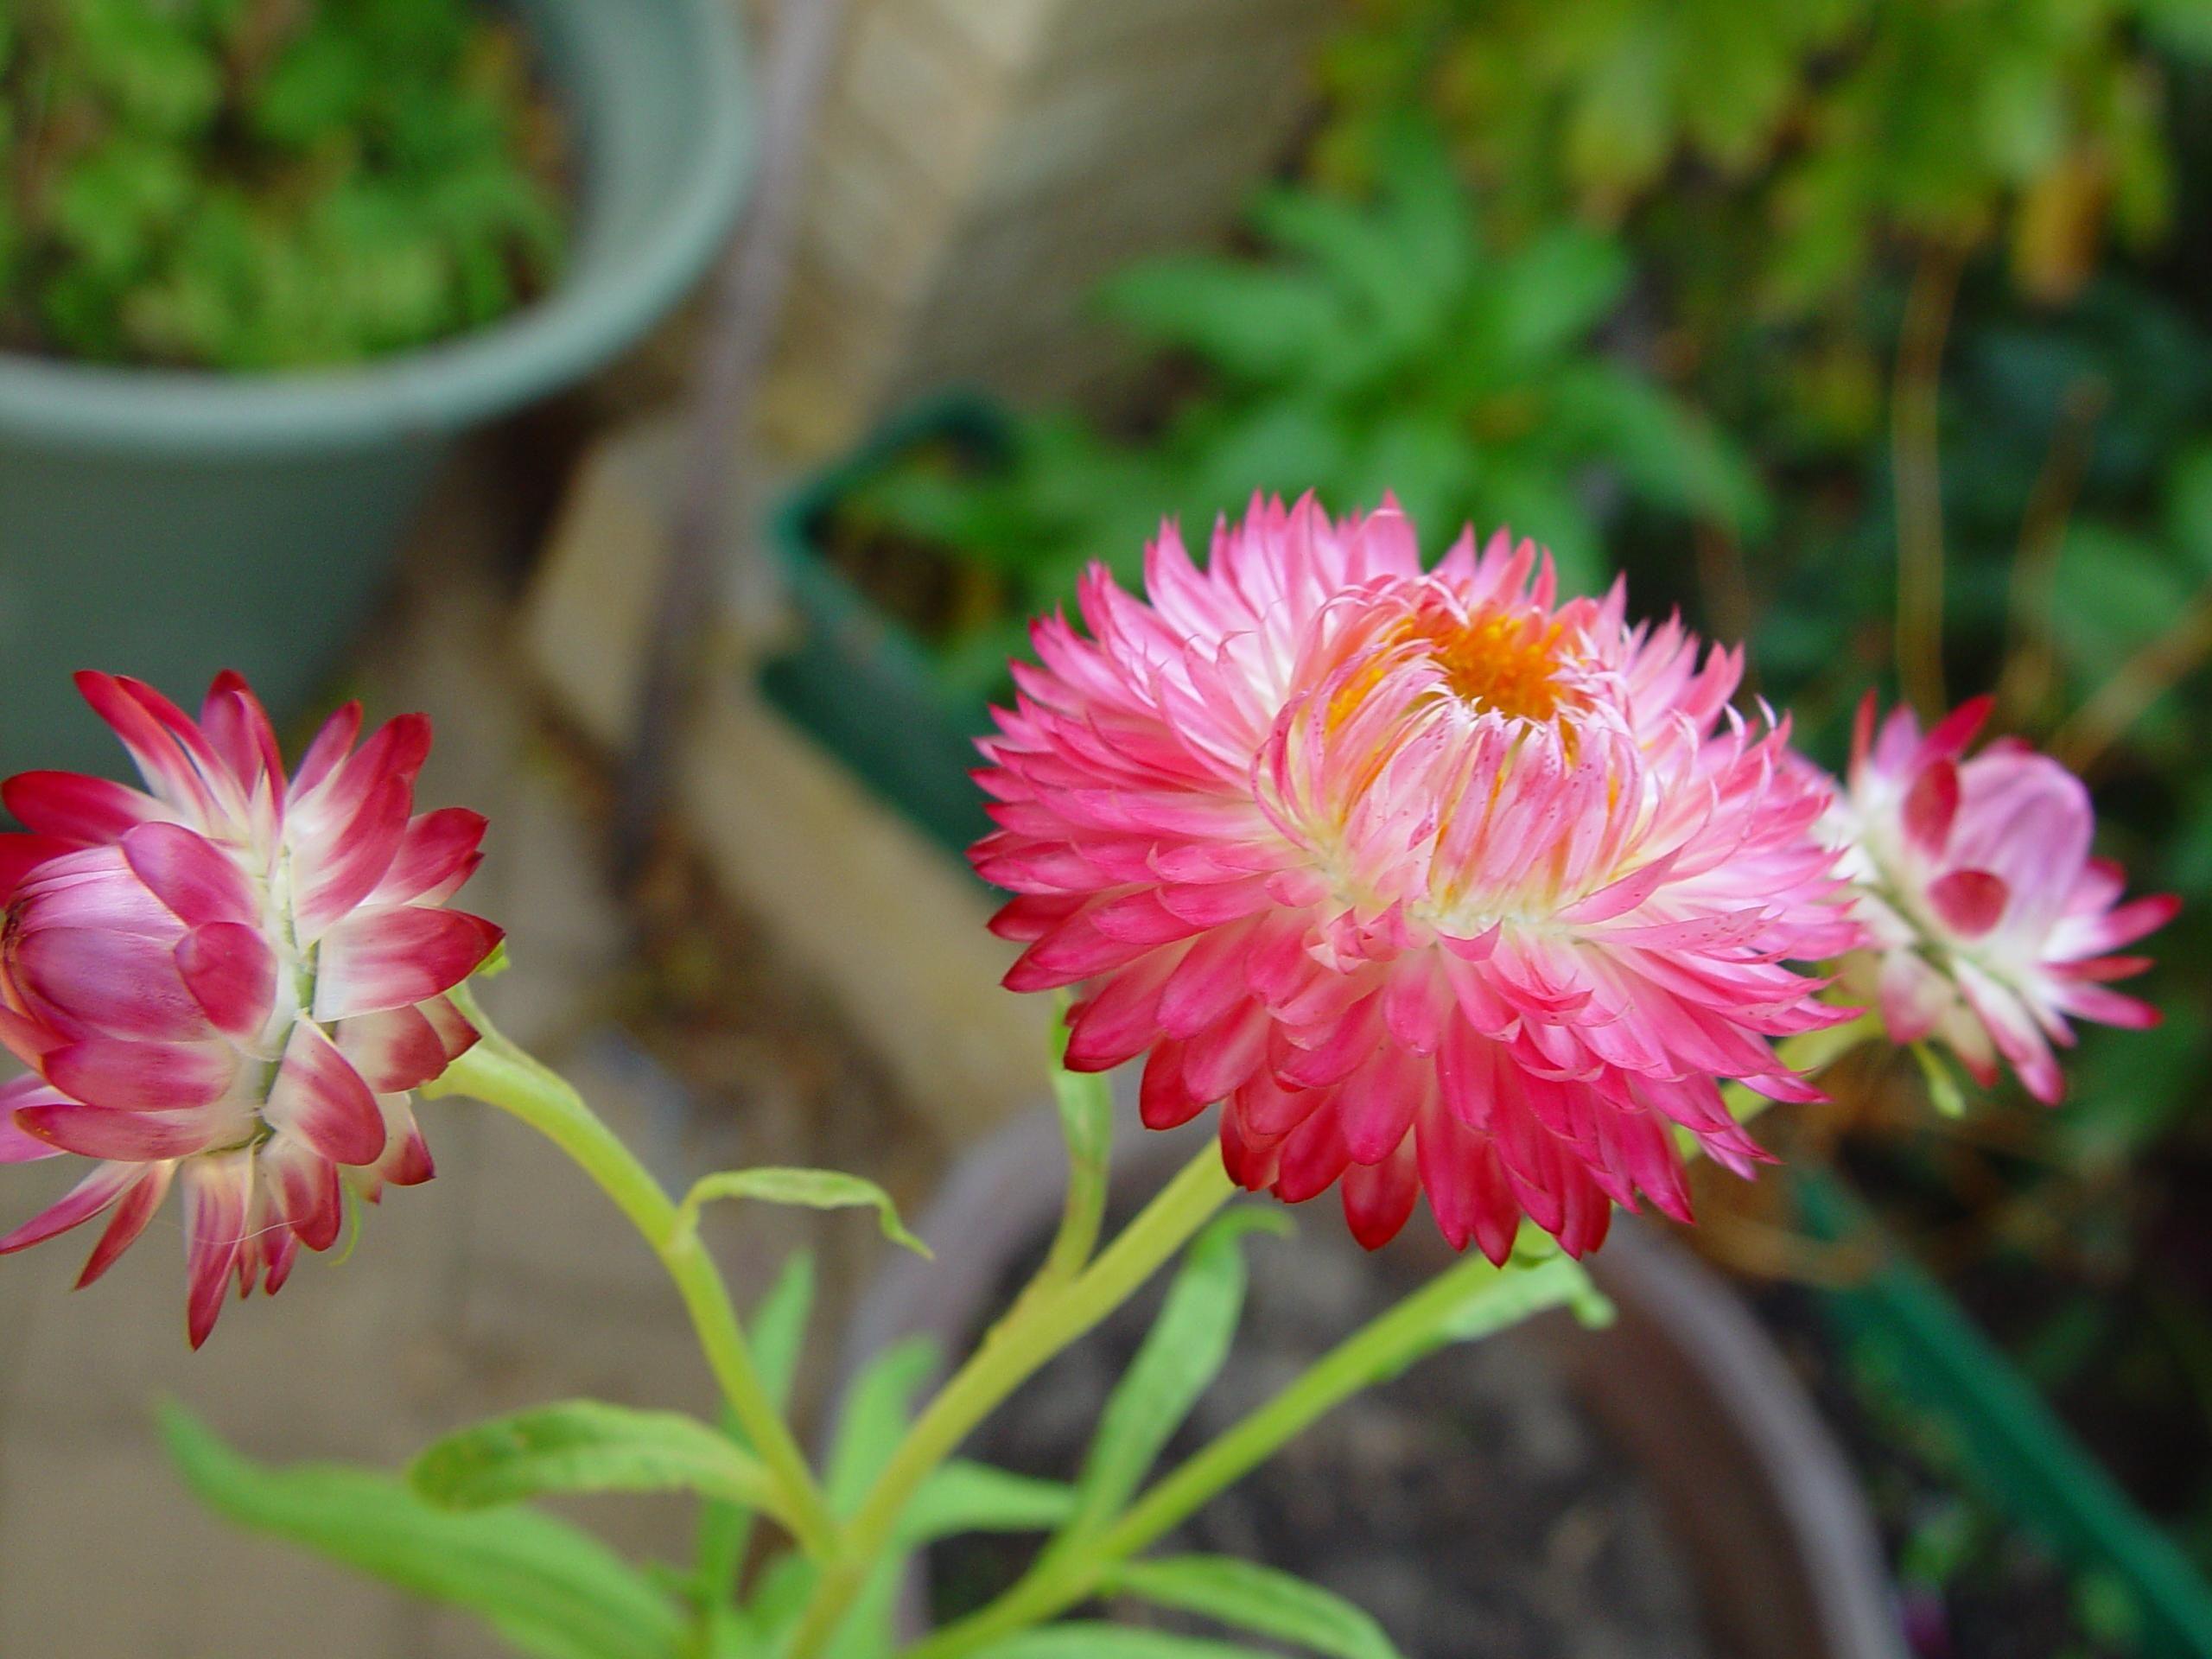 giấy màu hồng, Hoa cúc